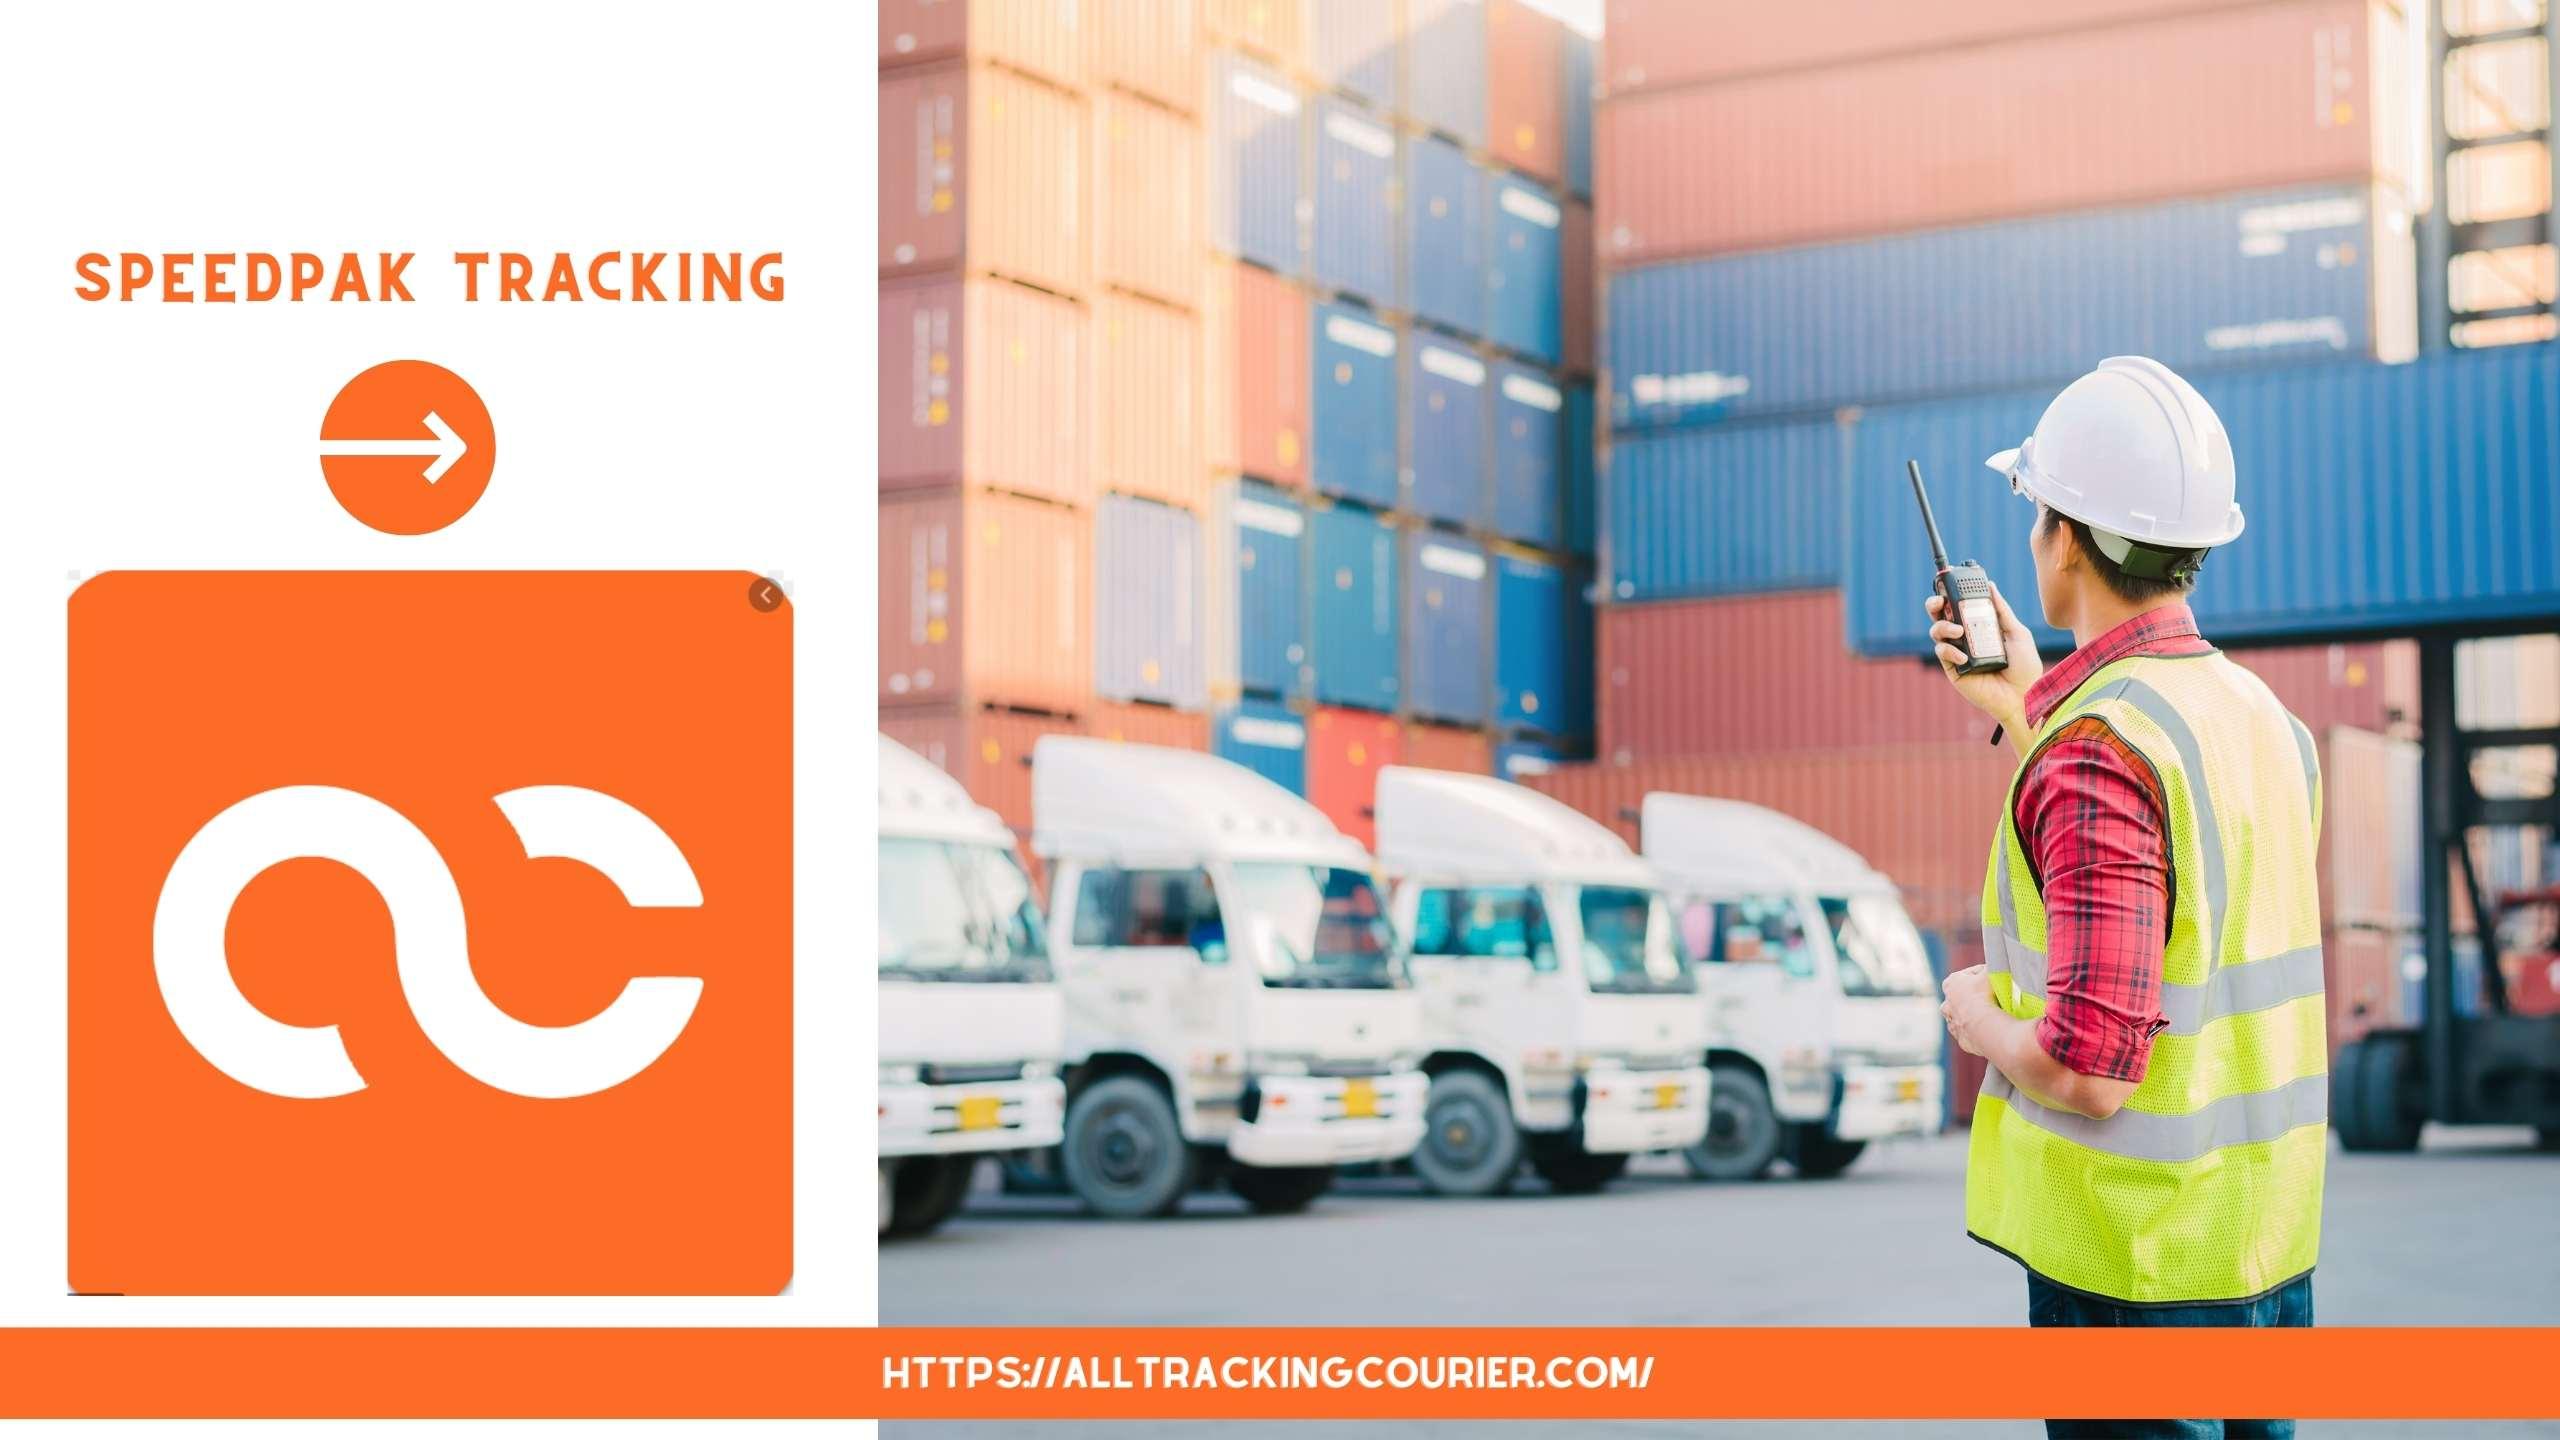 Speedpak tracking